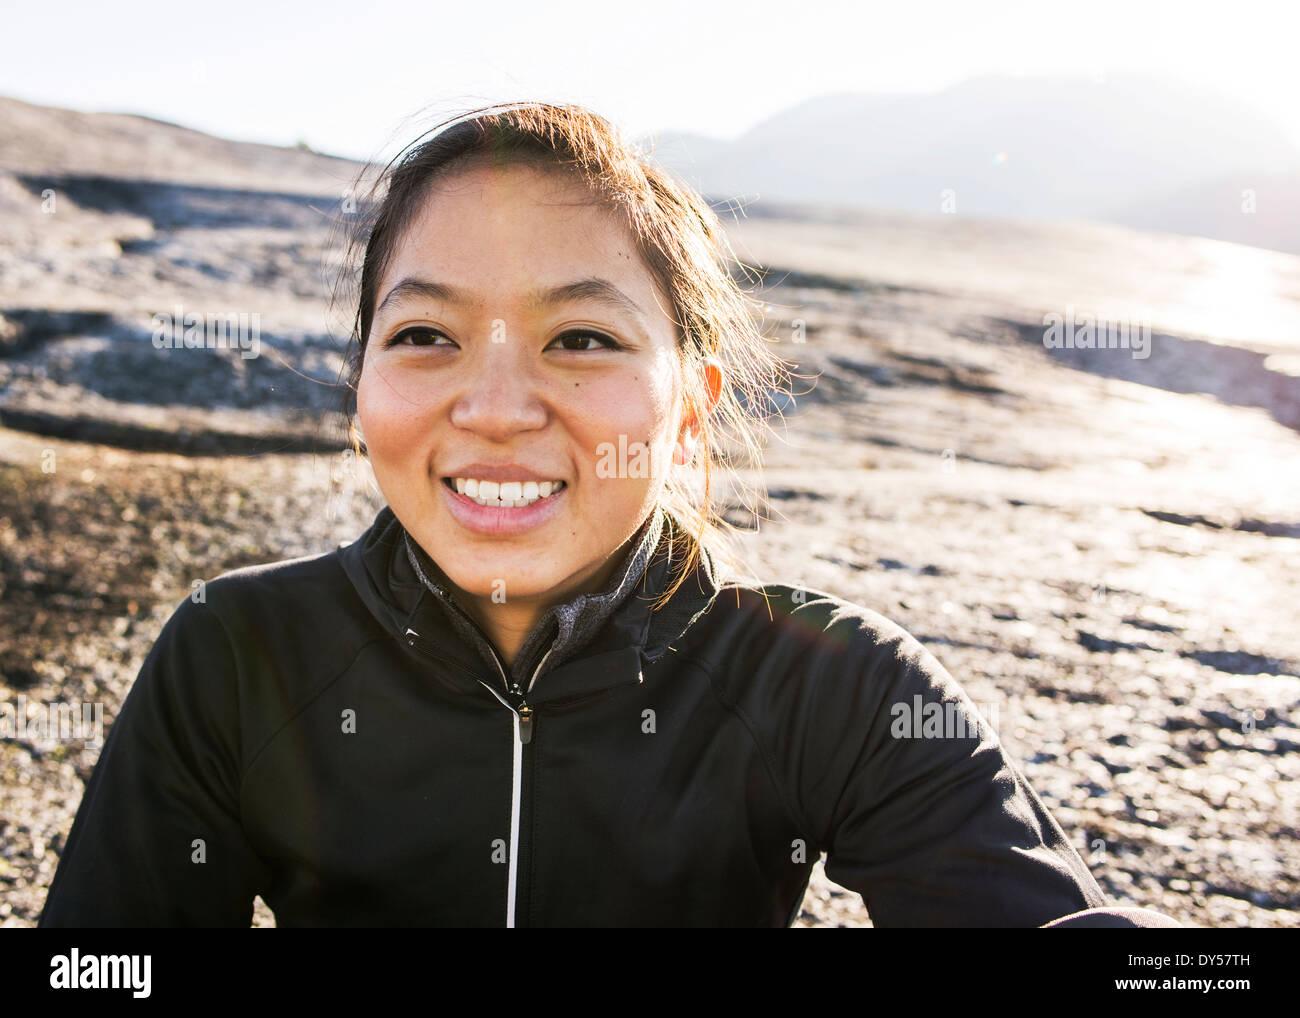 Porträt der jungen weiblichen Wanderer, Squamish, British Columbia, Kanada Stockbild